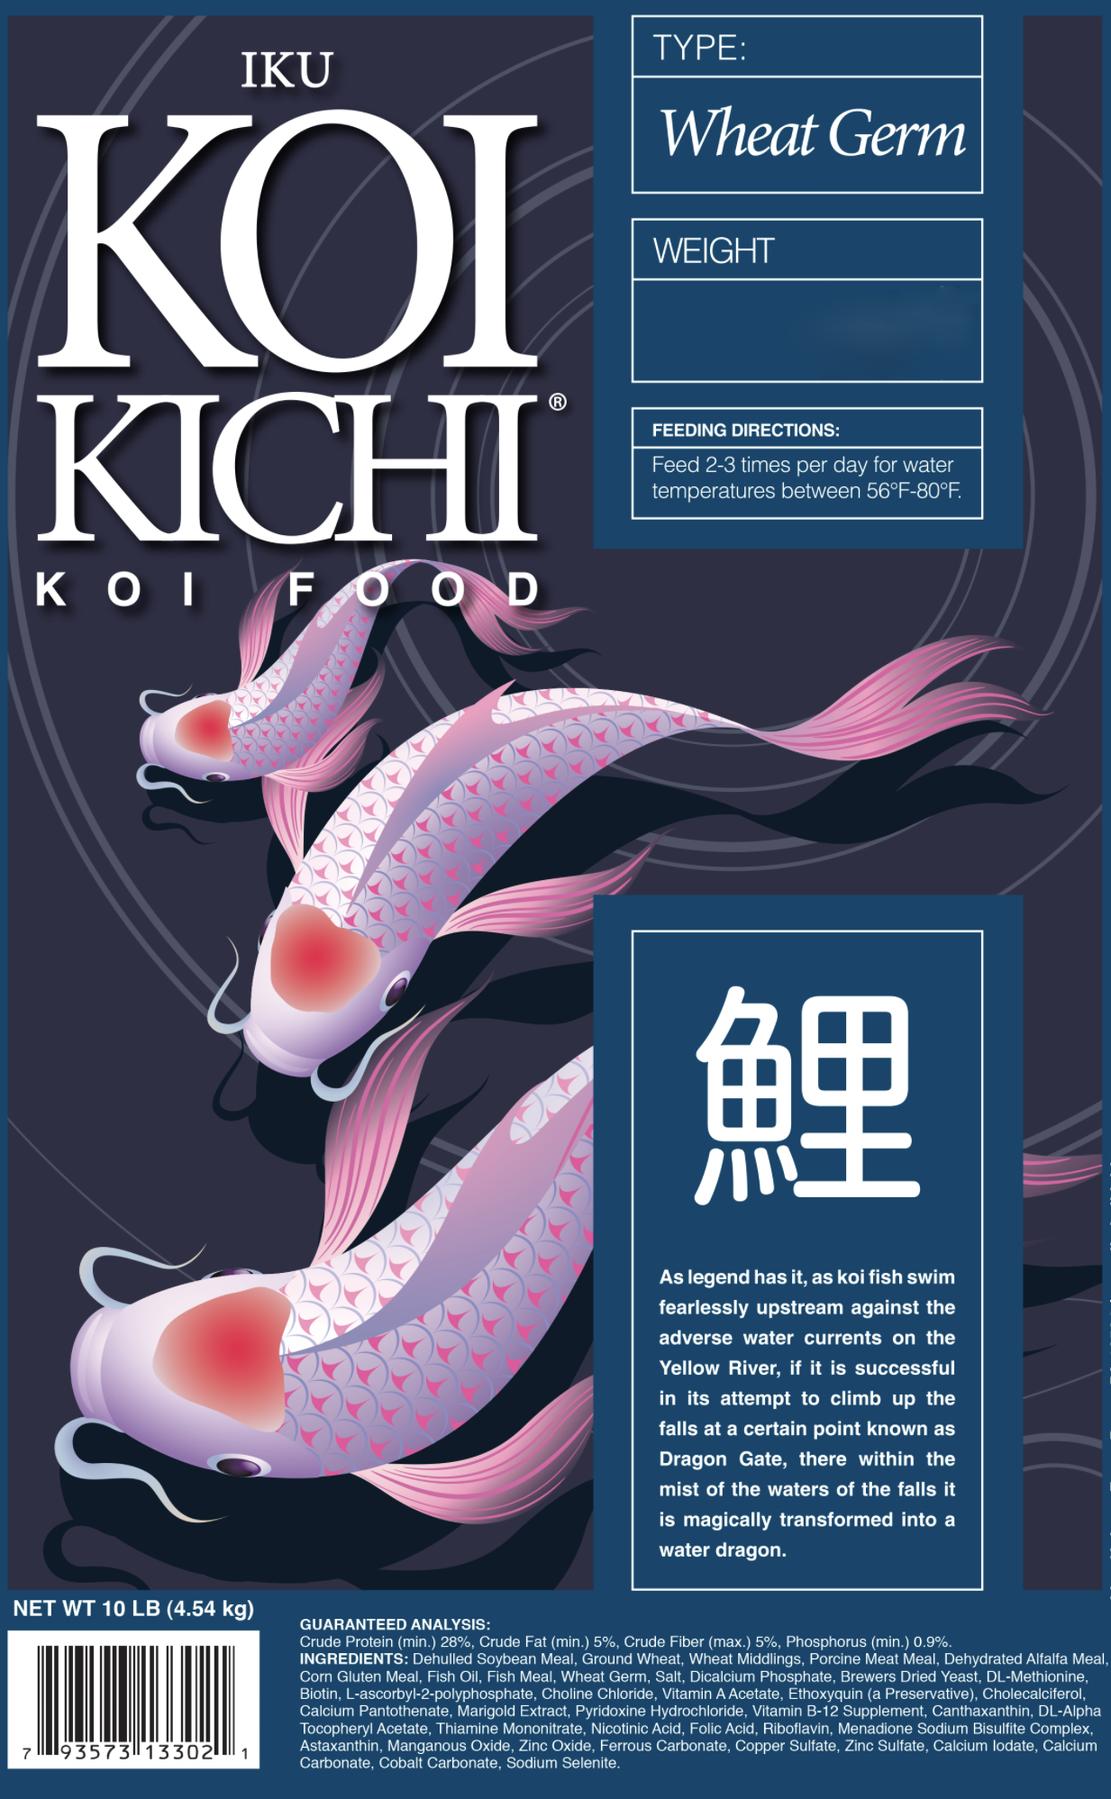 Iku Koi Kichi Wheat Germ Koi Fish Food